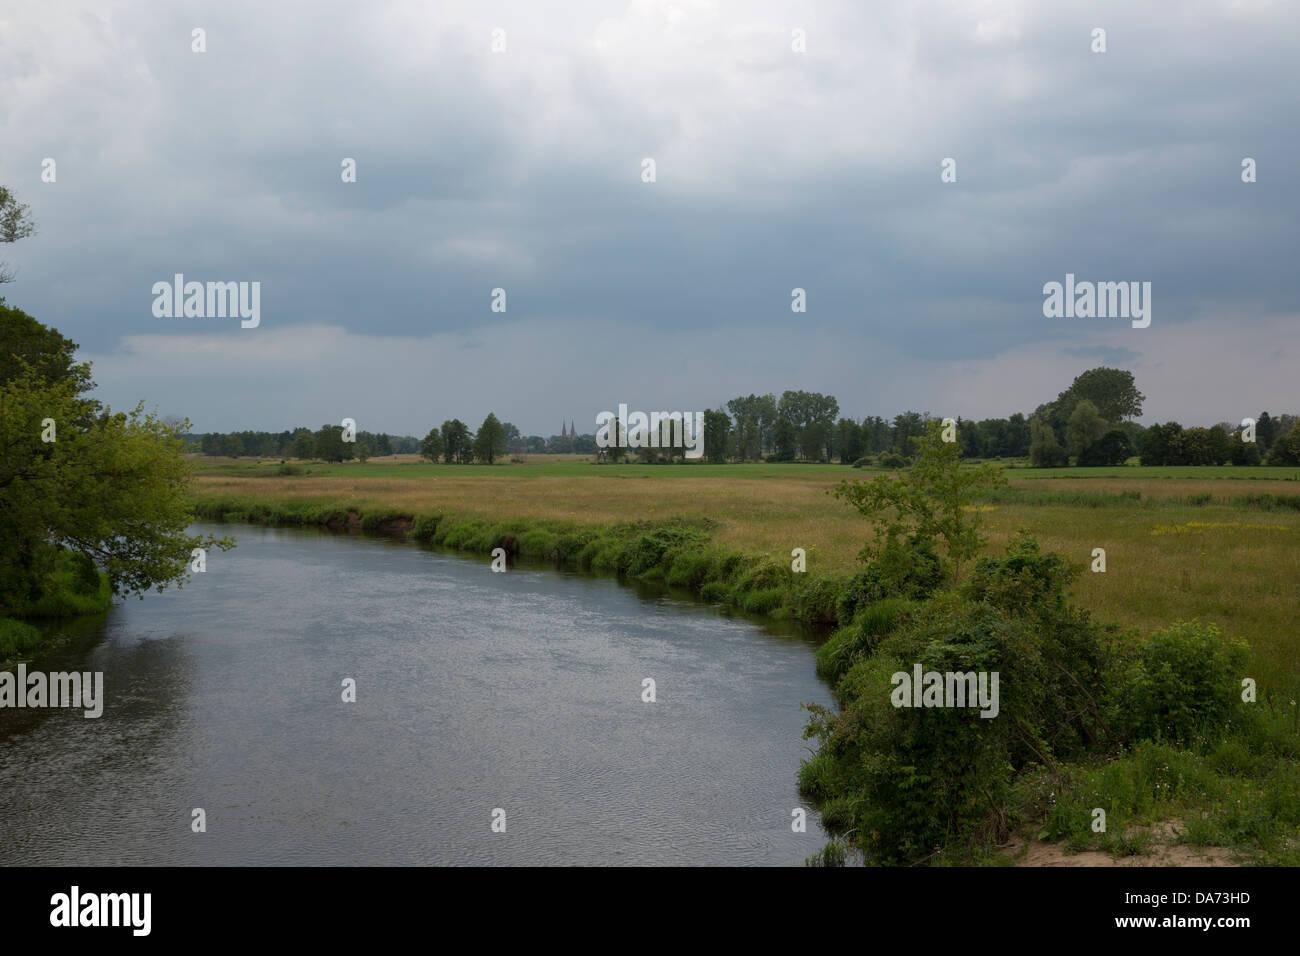 Fiume Liwiec in Polonia Immagini Stock